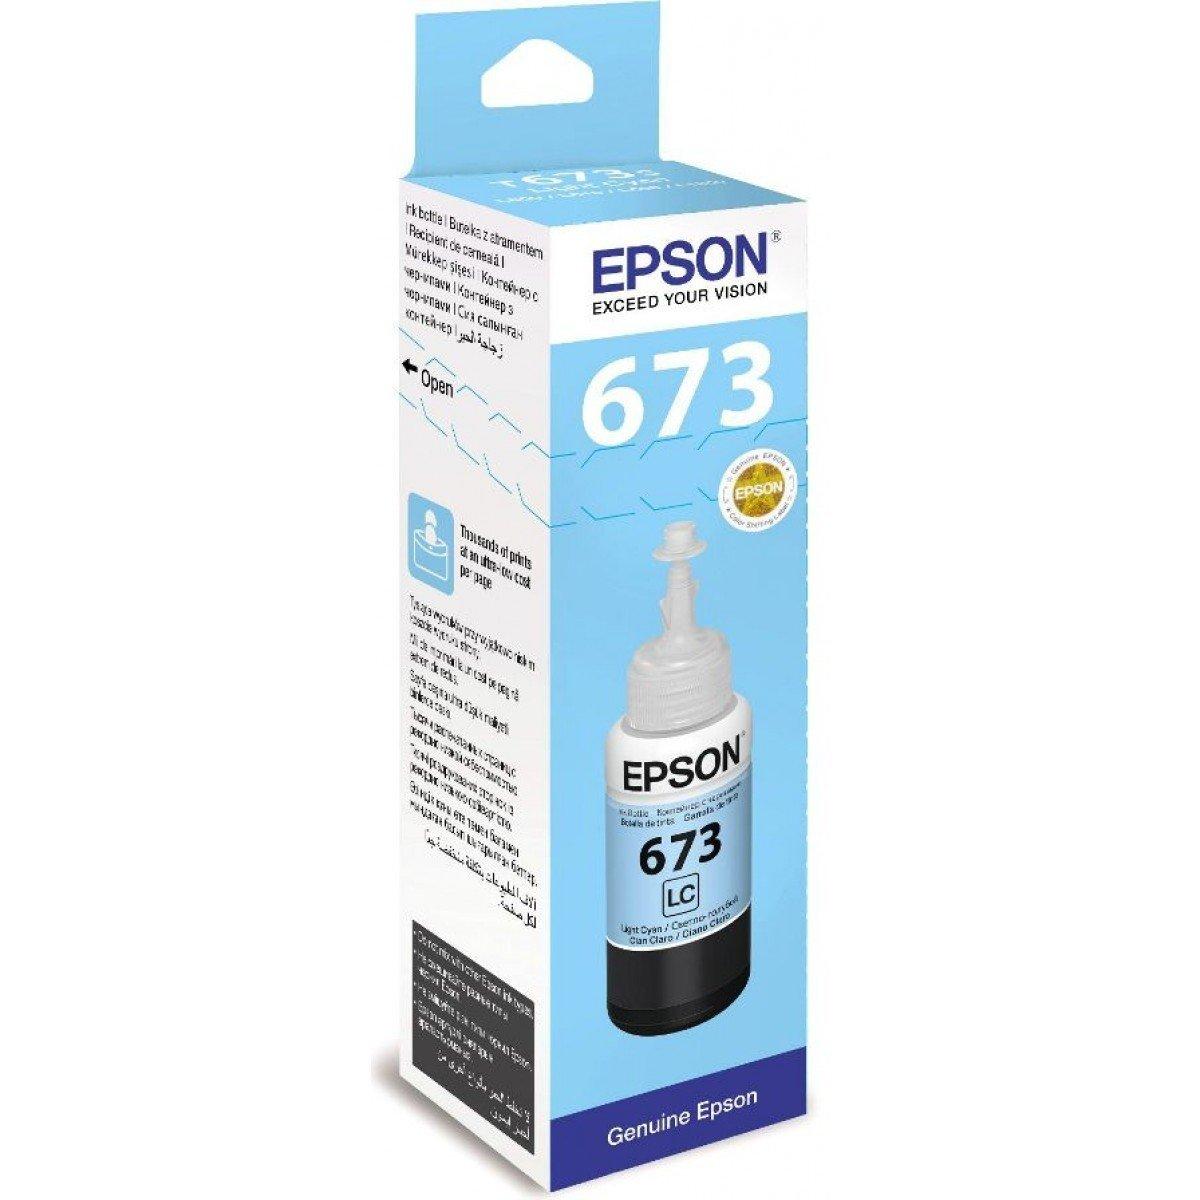 Epson ink Bottle, 673, Light Cyan, 70ml, Rs 573